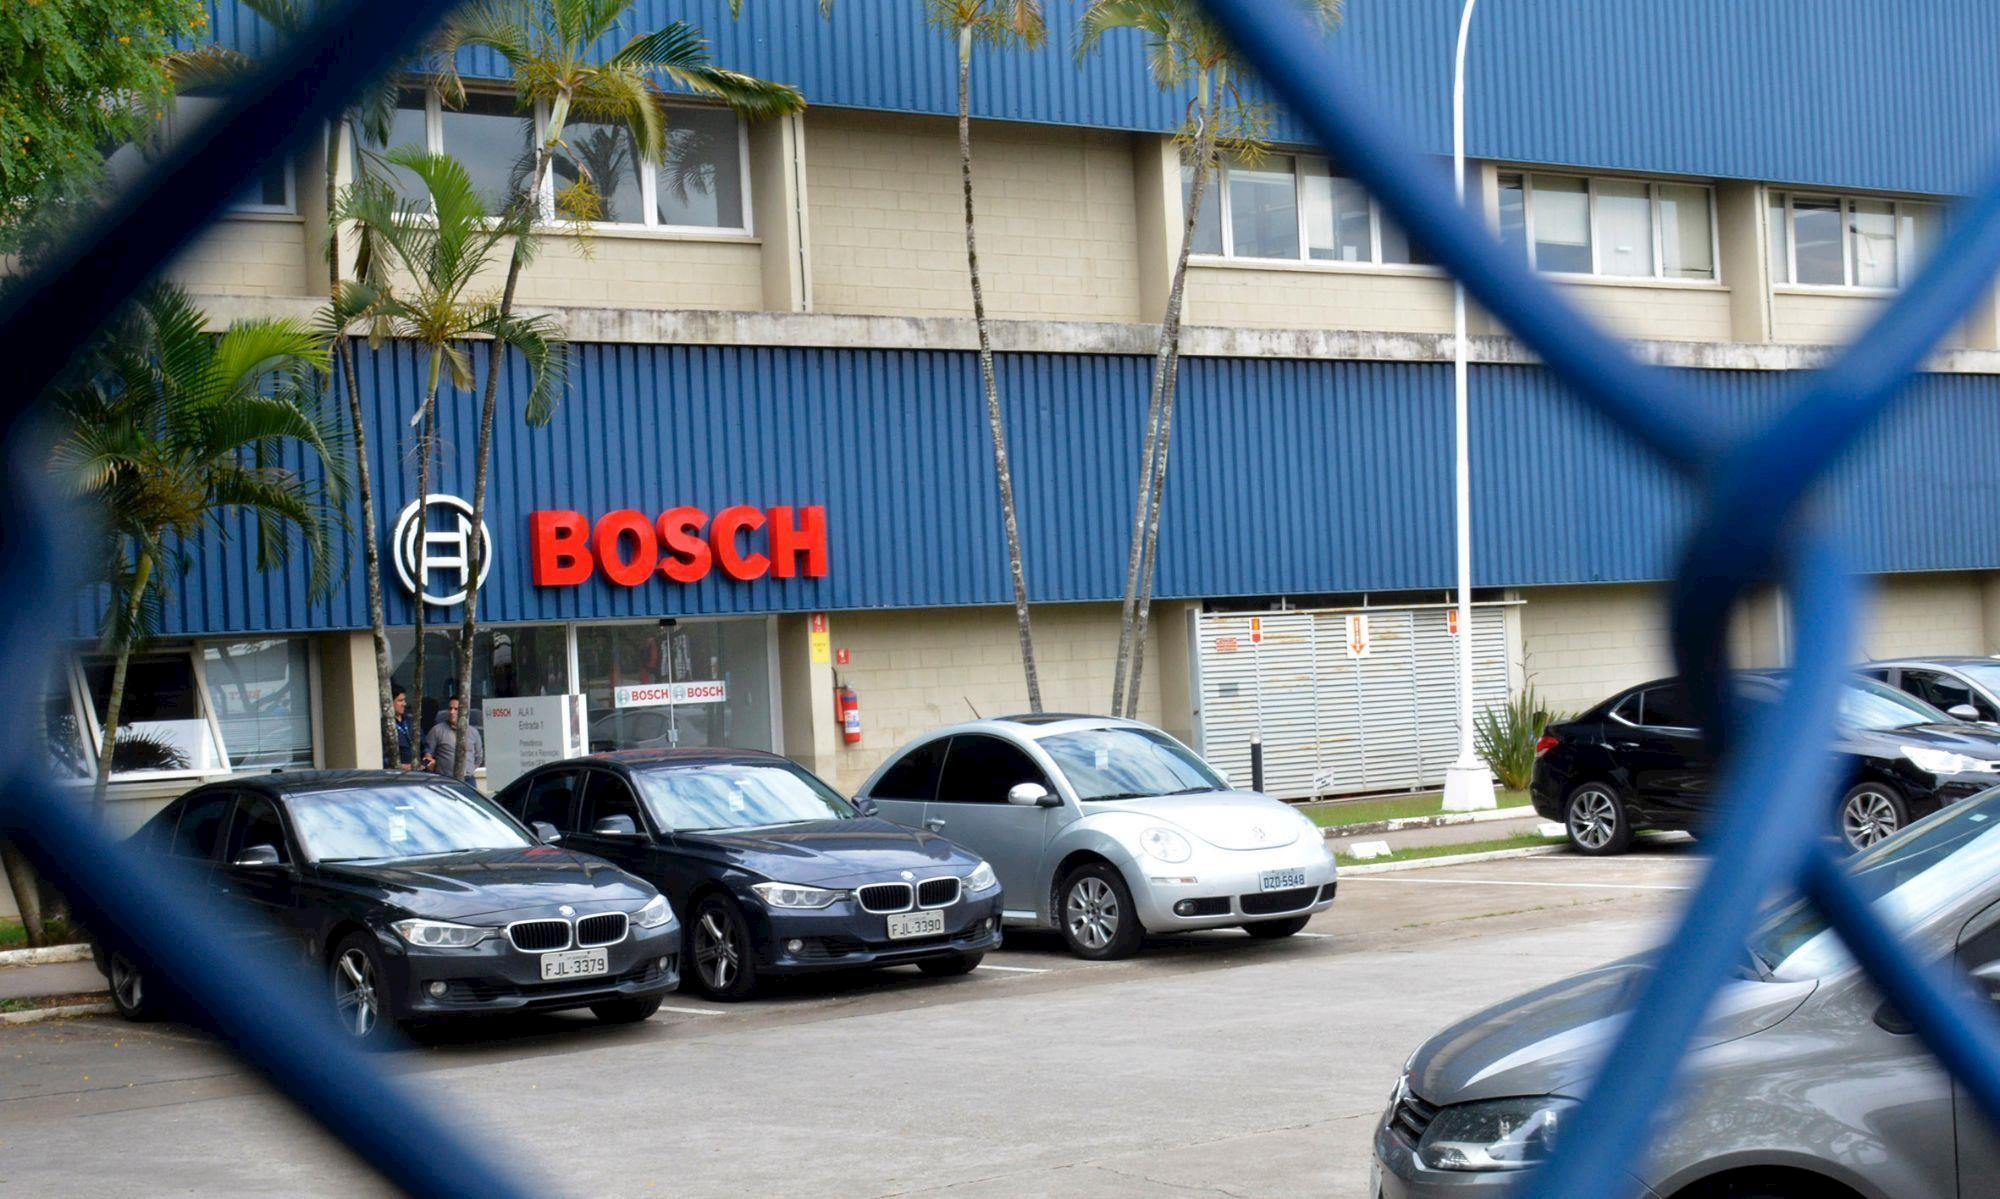 bosch, assembleia, suspensão, contrato, trabalho, sindicato,, Arquivo/Foguinho Imprensa SMetal